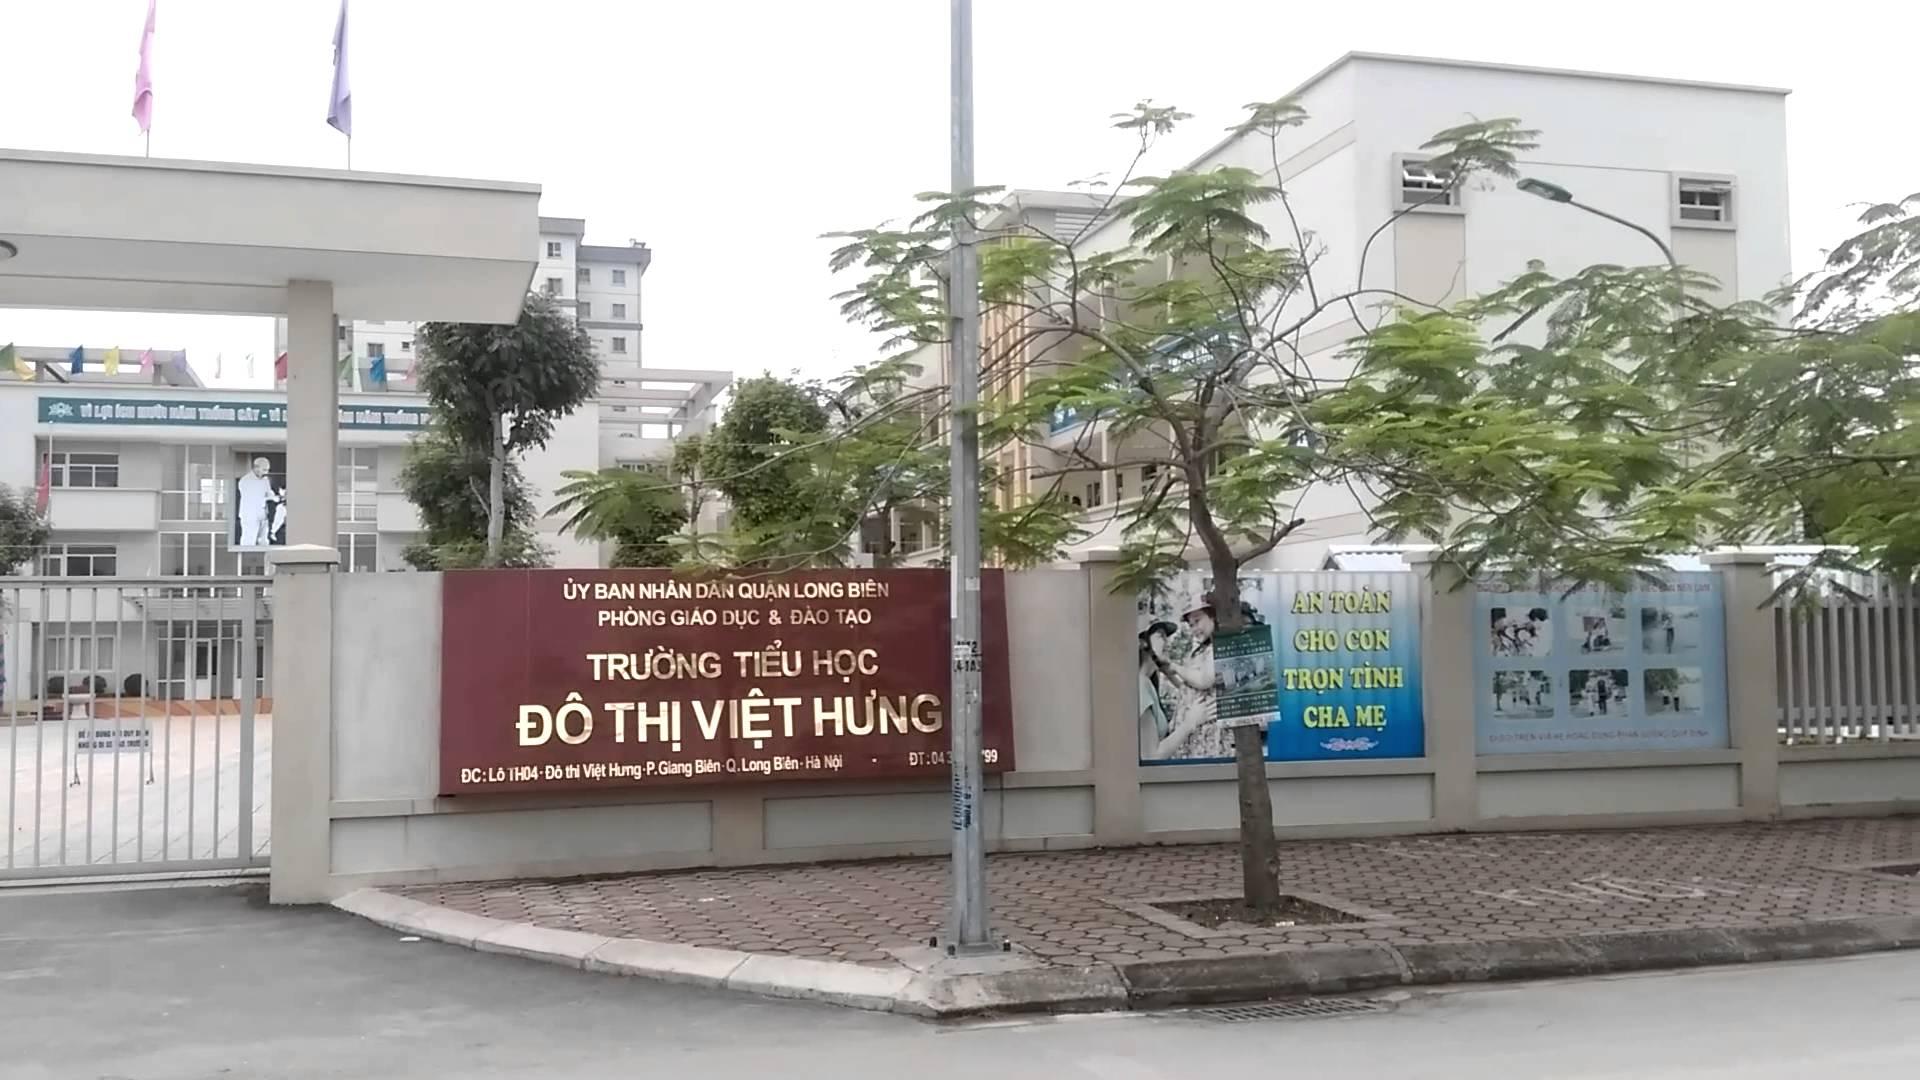 Đô thị Việt Hưng - Tiểu học công lập quận Long Biên, Hà Nội (Ảnh: YouTube)